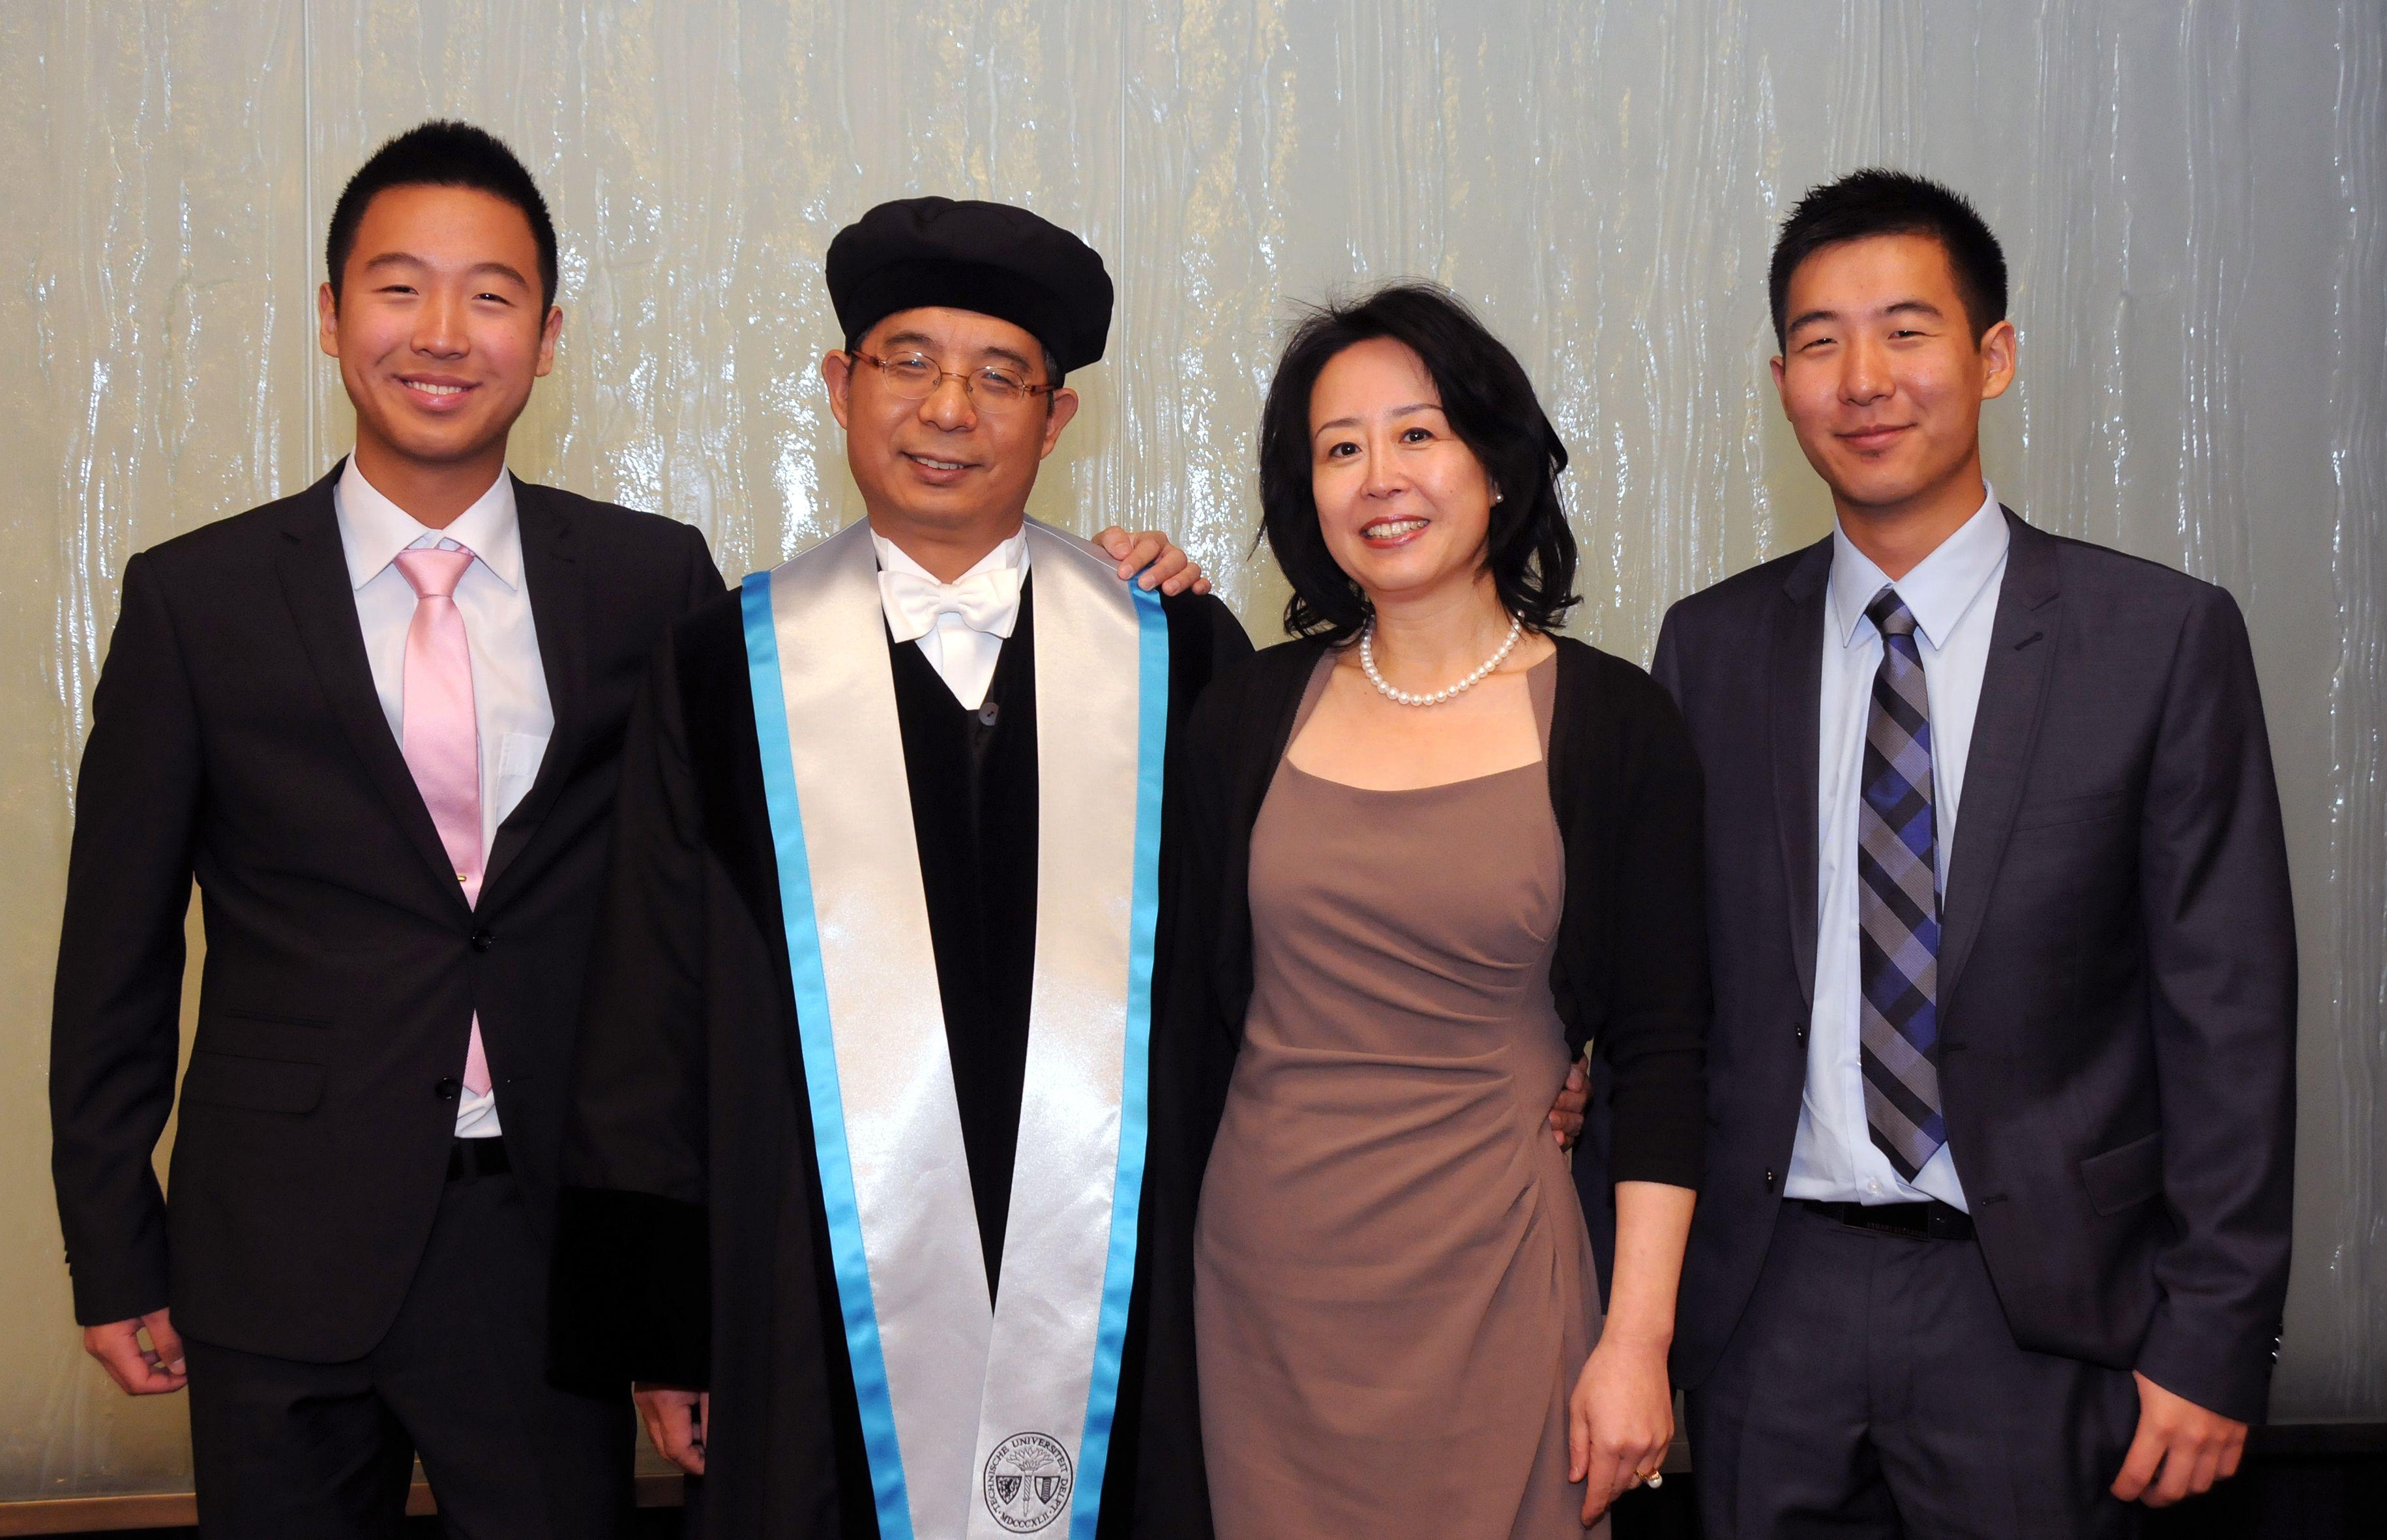 Mijn naam: Edward Wang. Korte beschrijving: Dit is een foto van mijn ouders en broer op de dag van de ceremonie van mijn vader waarop hij tot professor van zijn vakgebied, Morfodynamica van Lagunes en Estuaria, is benoemd (13 januari 2013).